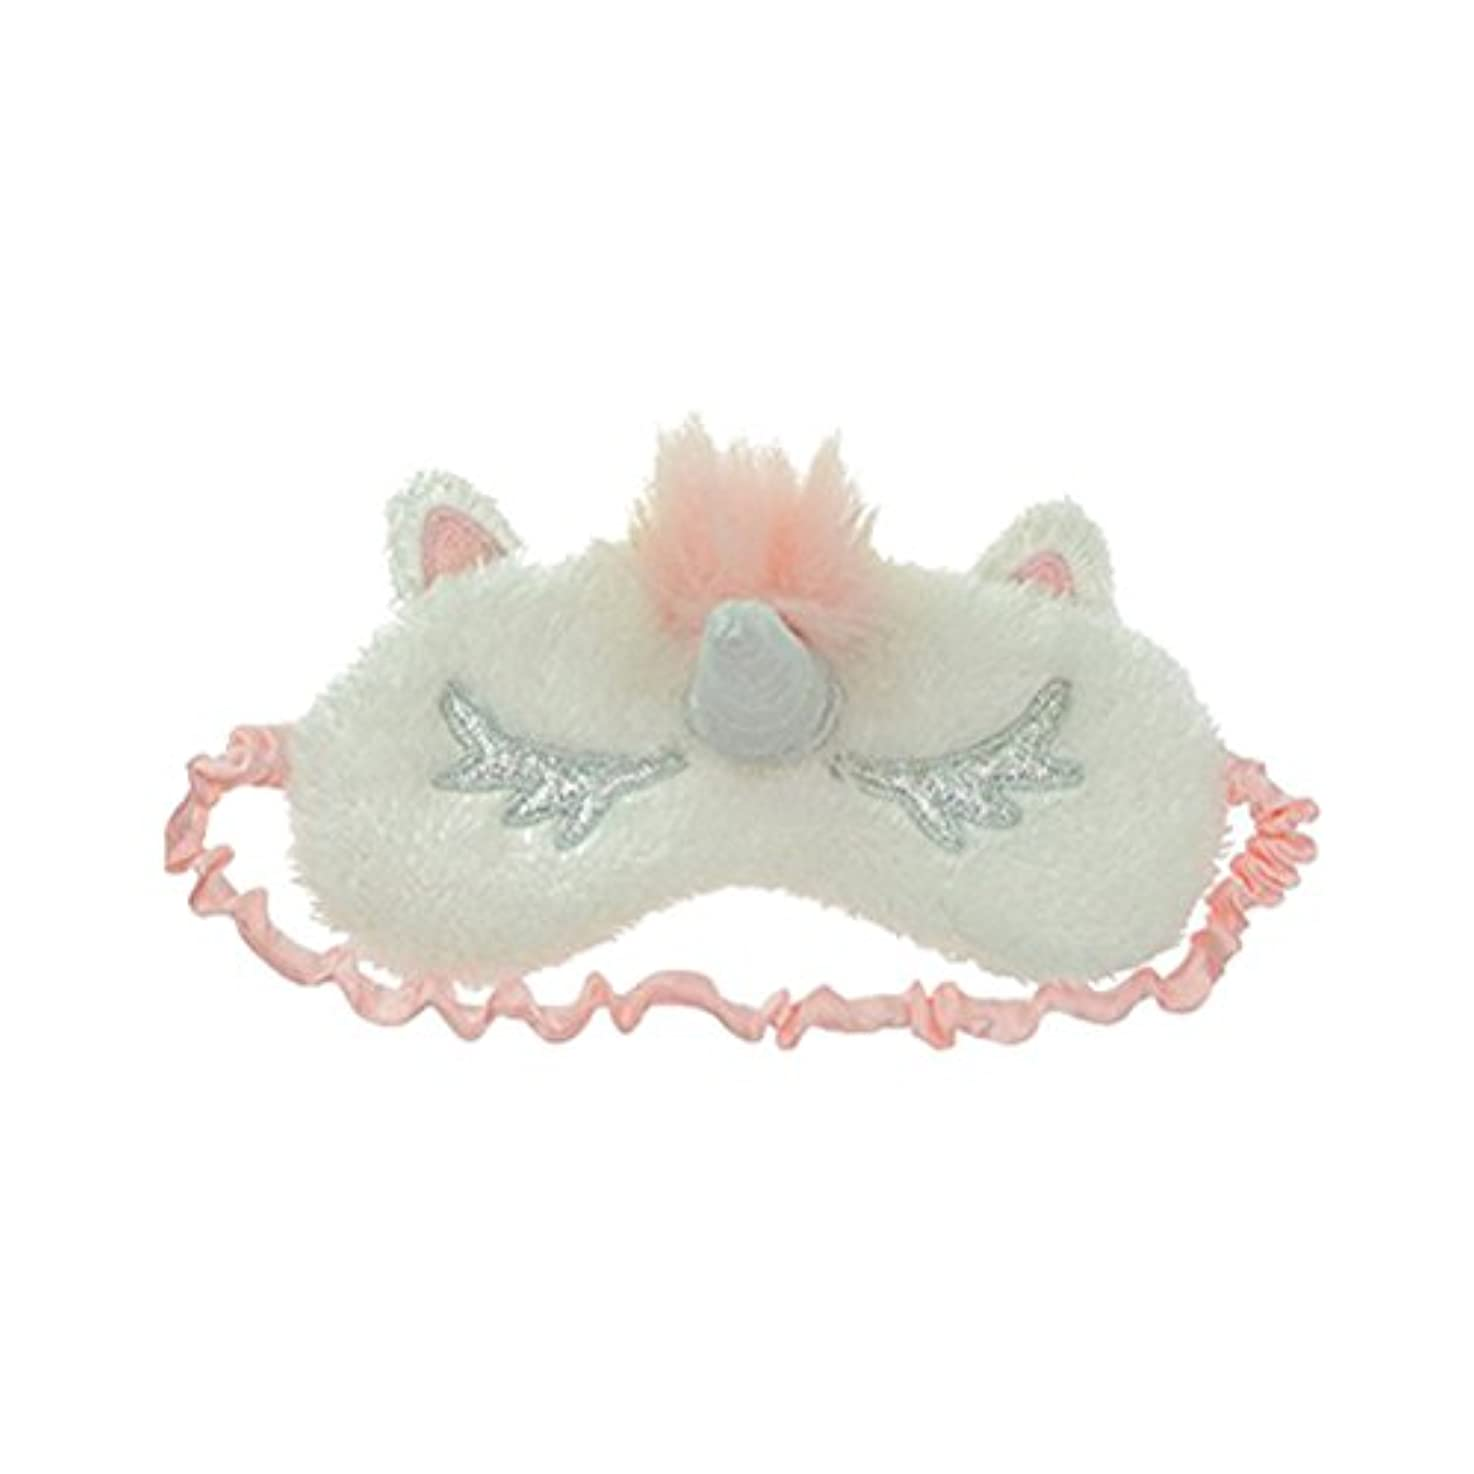 遅れ表示アベニューHEALIFTY ユニコーンスリープアイマスクカバーかわいいアイシェイドスリープナップ瞑想用の目隠し